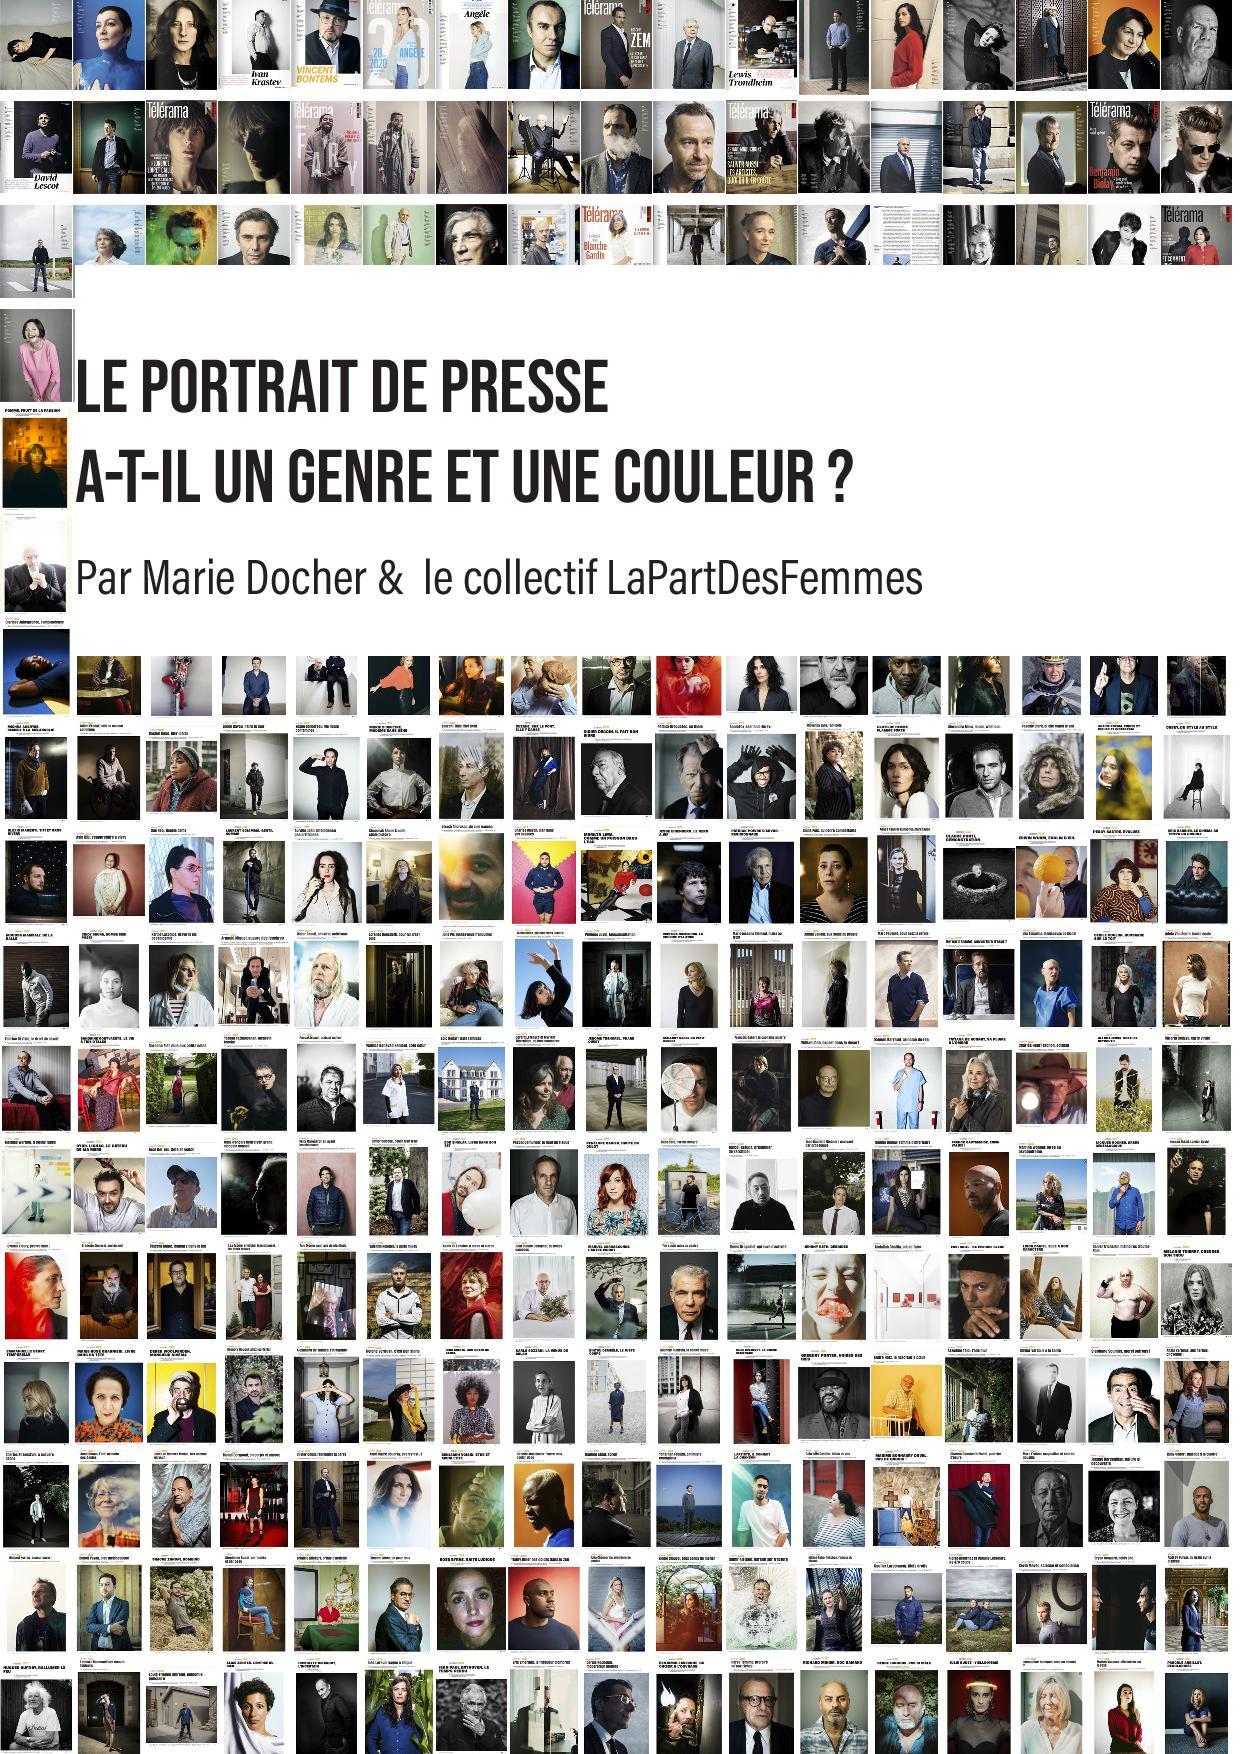 Le portrait de presse a-t-il un genre ou une couleur ? Médiathèque Edmond Rostand Paris